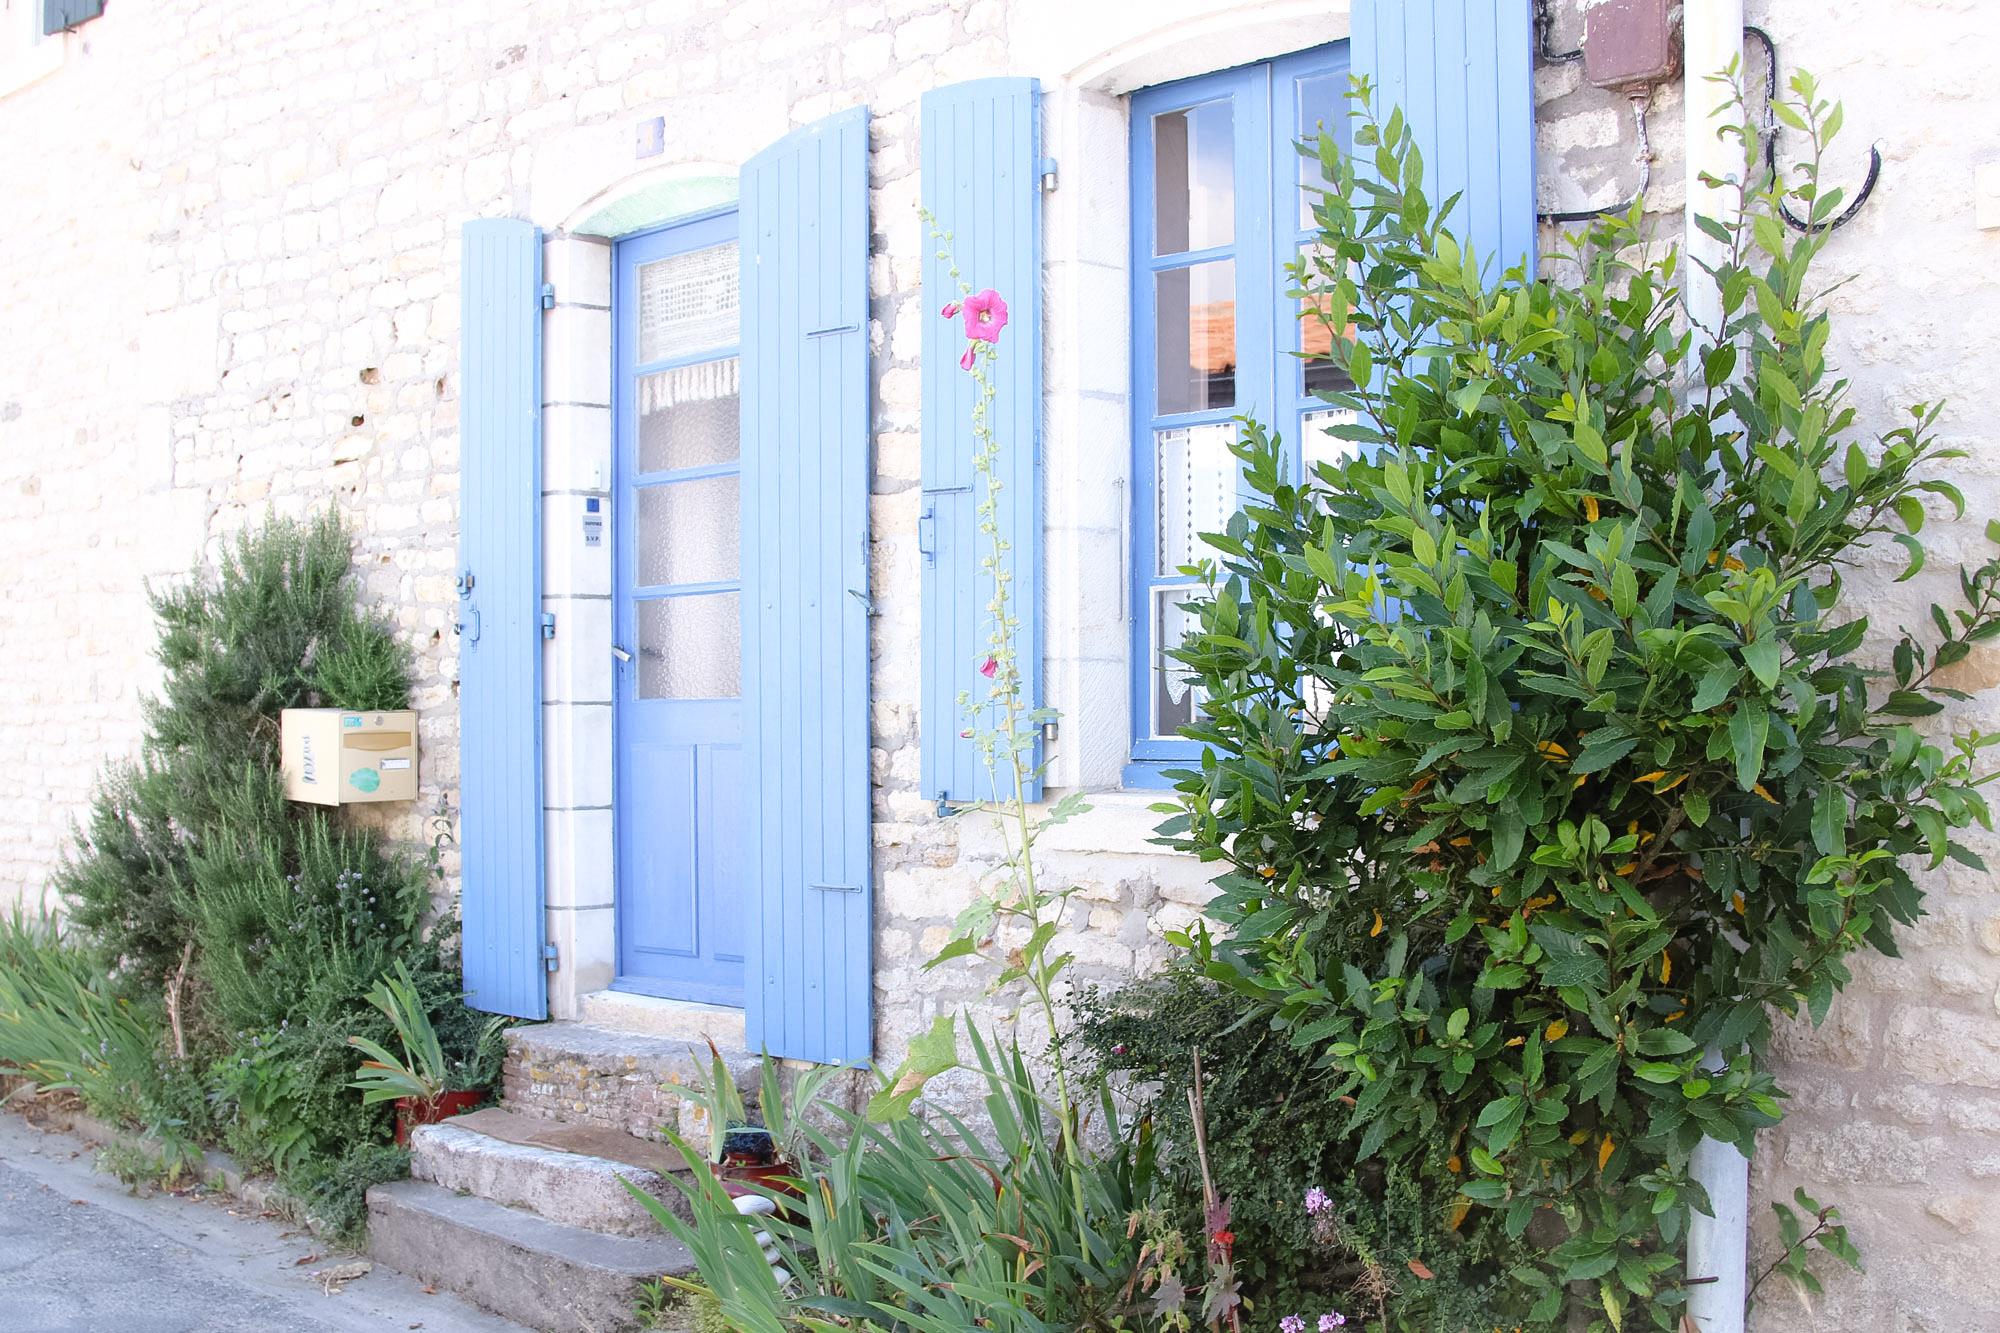 Elodie-Blog-village-arceau-volets-bleus-ciel